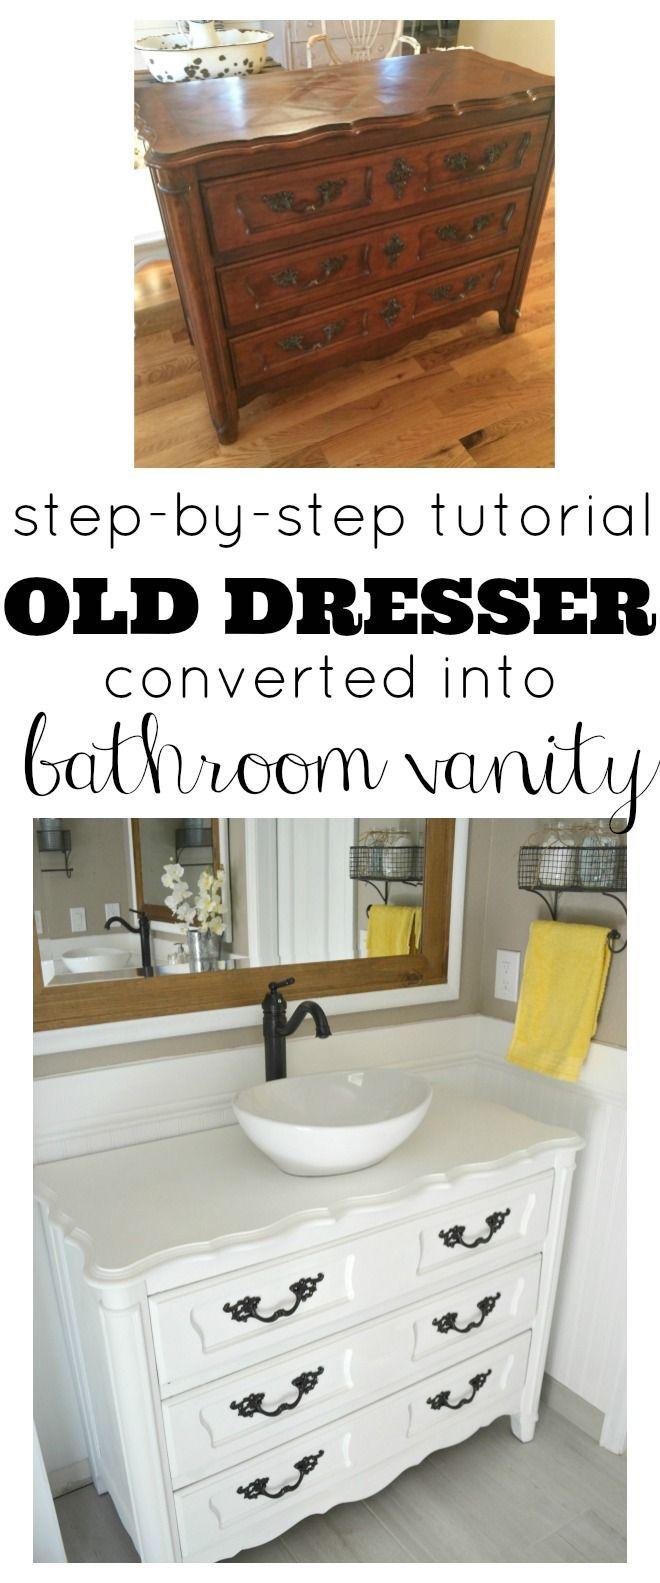 Old Dresser Turned Bathroom Vanity Tutorial Farmhouse Style